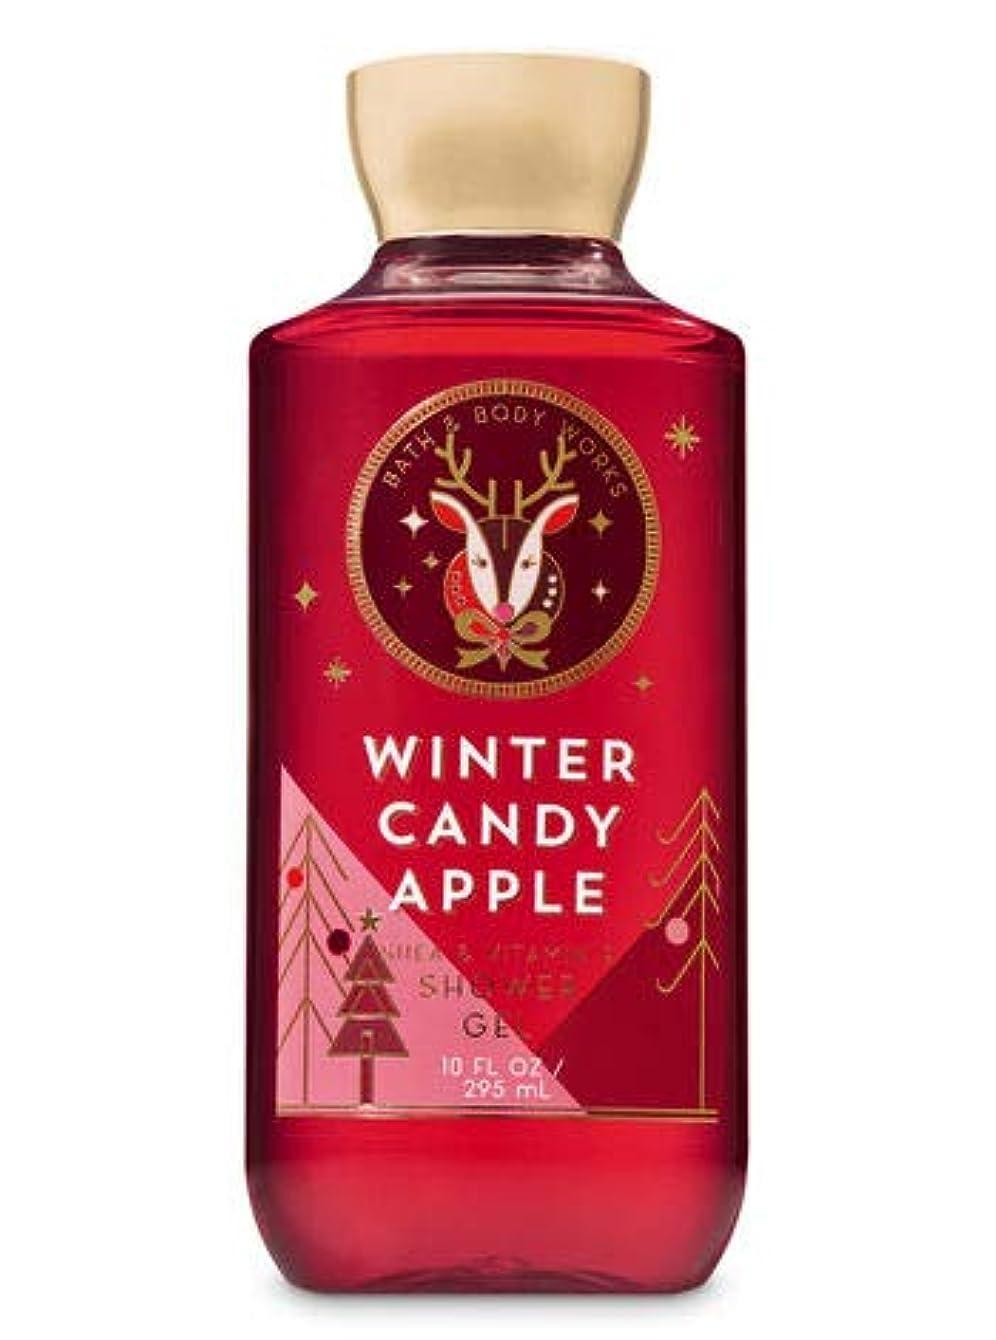 投げるブラウス警察【Bath&Body Works/バス&ボディワークス】 シャワージェル ウィンターキャンディアップル Shower Gel Winter Candy Apple 10 fl oz / 295 mL [並行輸入品]